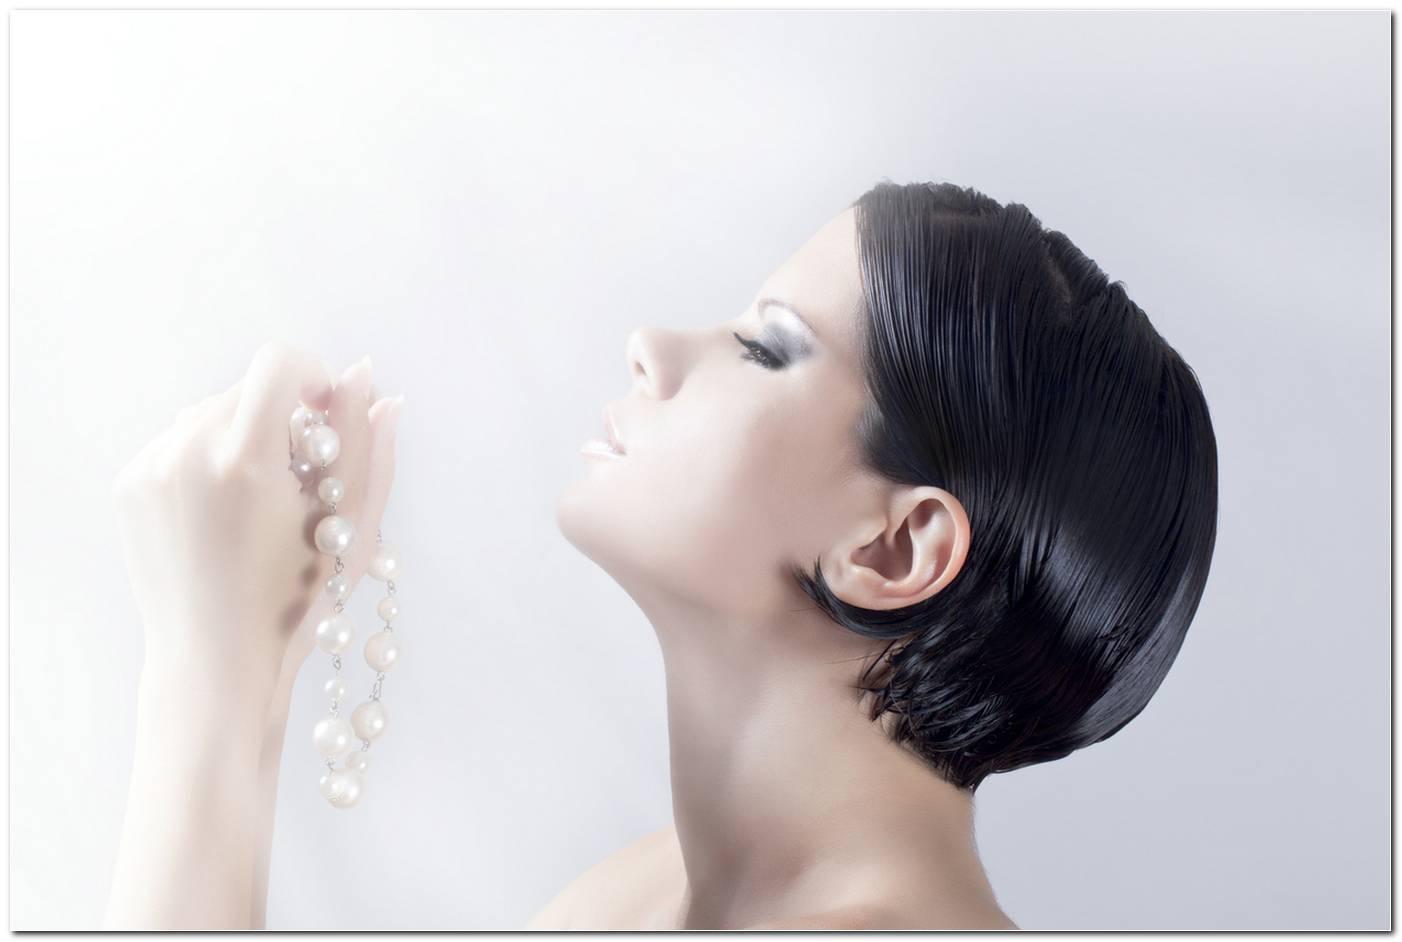 Frisuren Um Fettige Haare Zu Verstecken